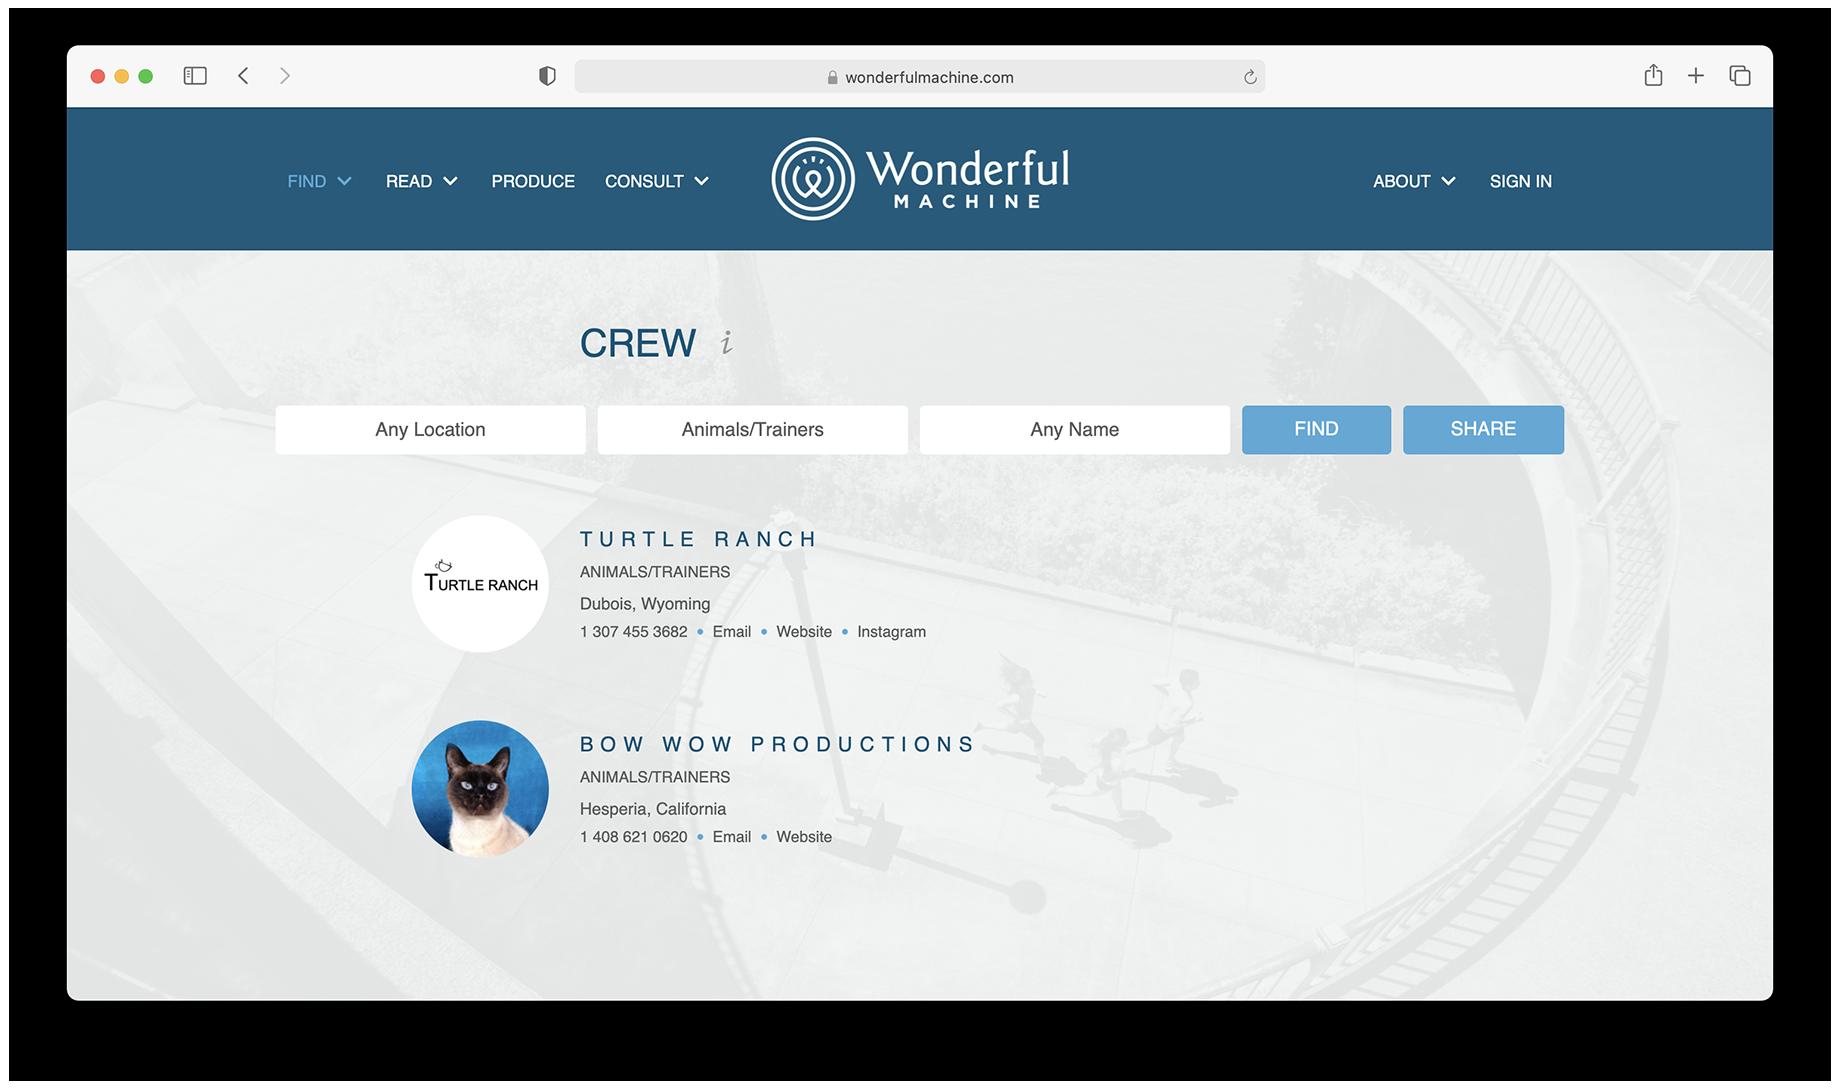 Find Animal Crew on Wonderful Machine